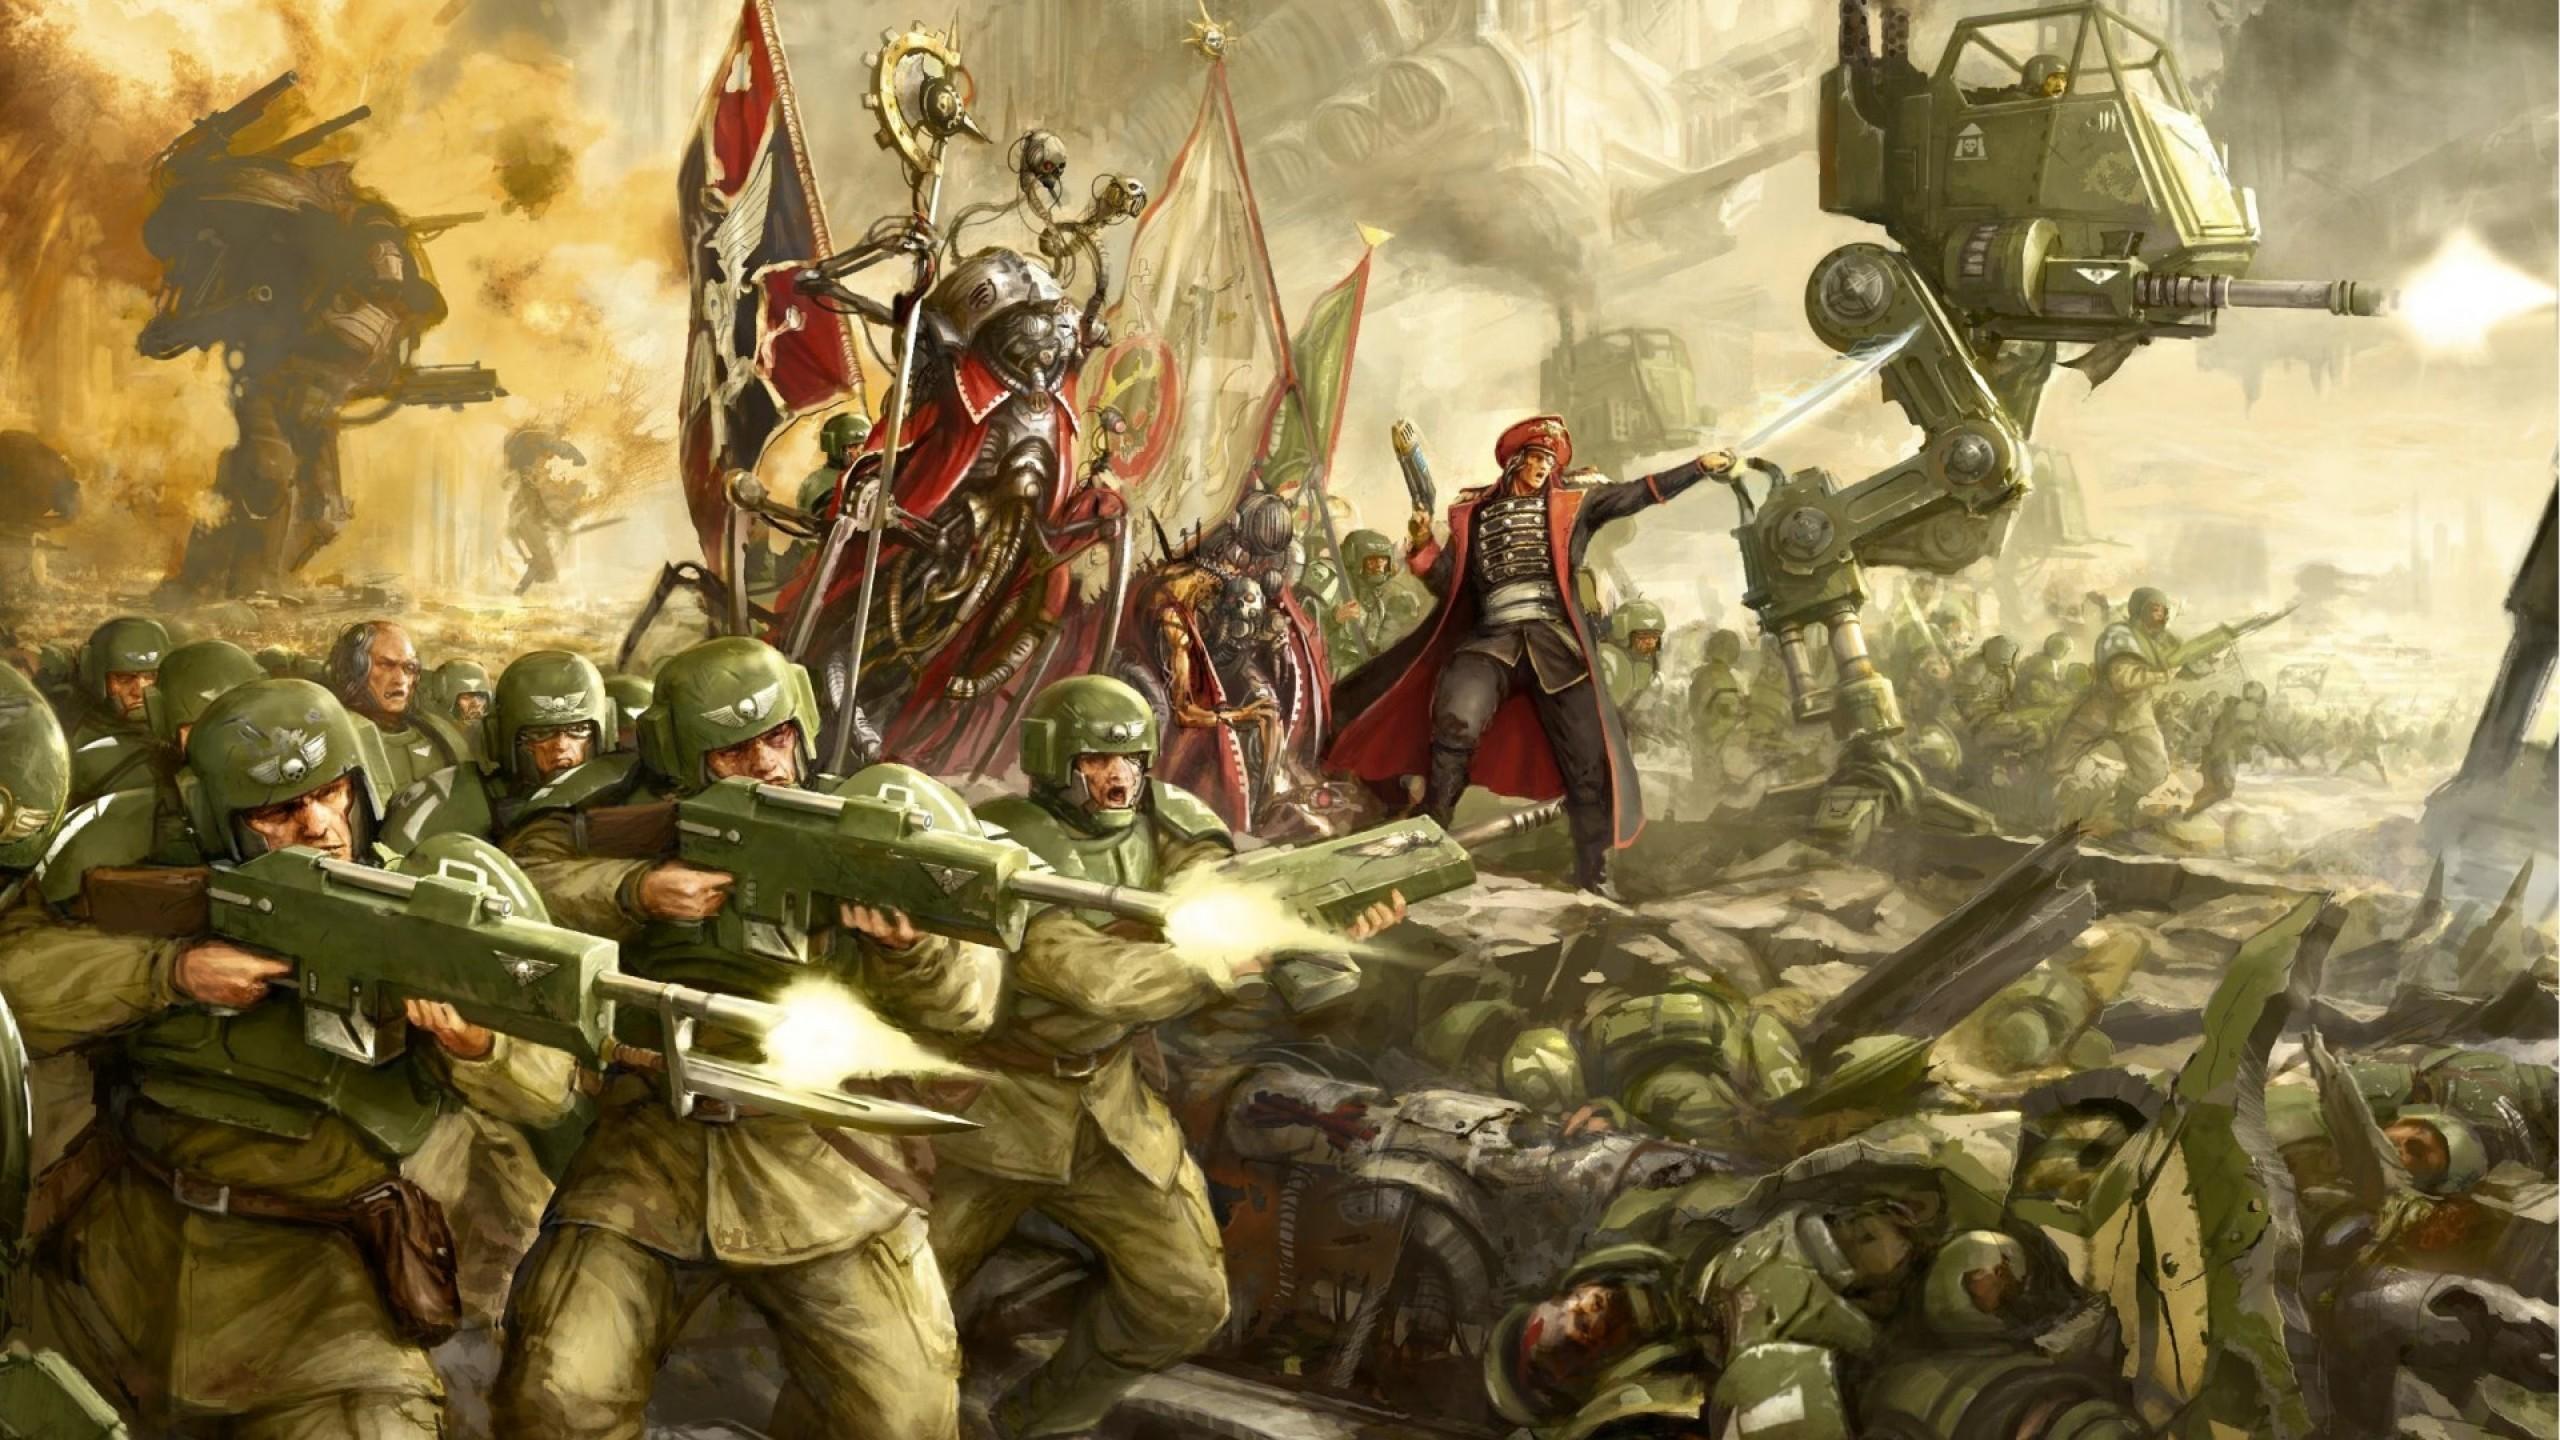 Imperial Guard Warhammer 40k Battle Soldiers Warhammer 40 000